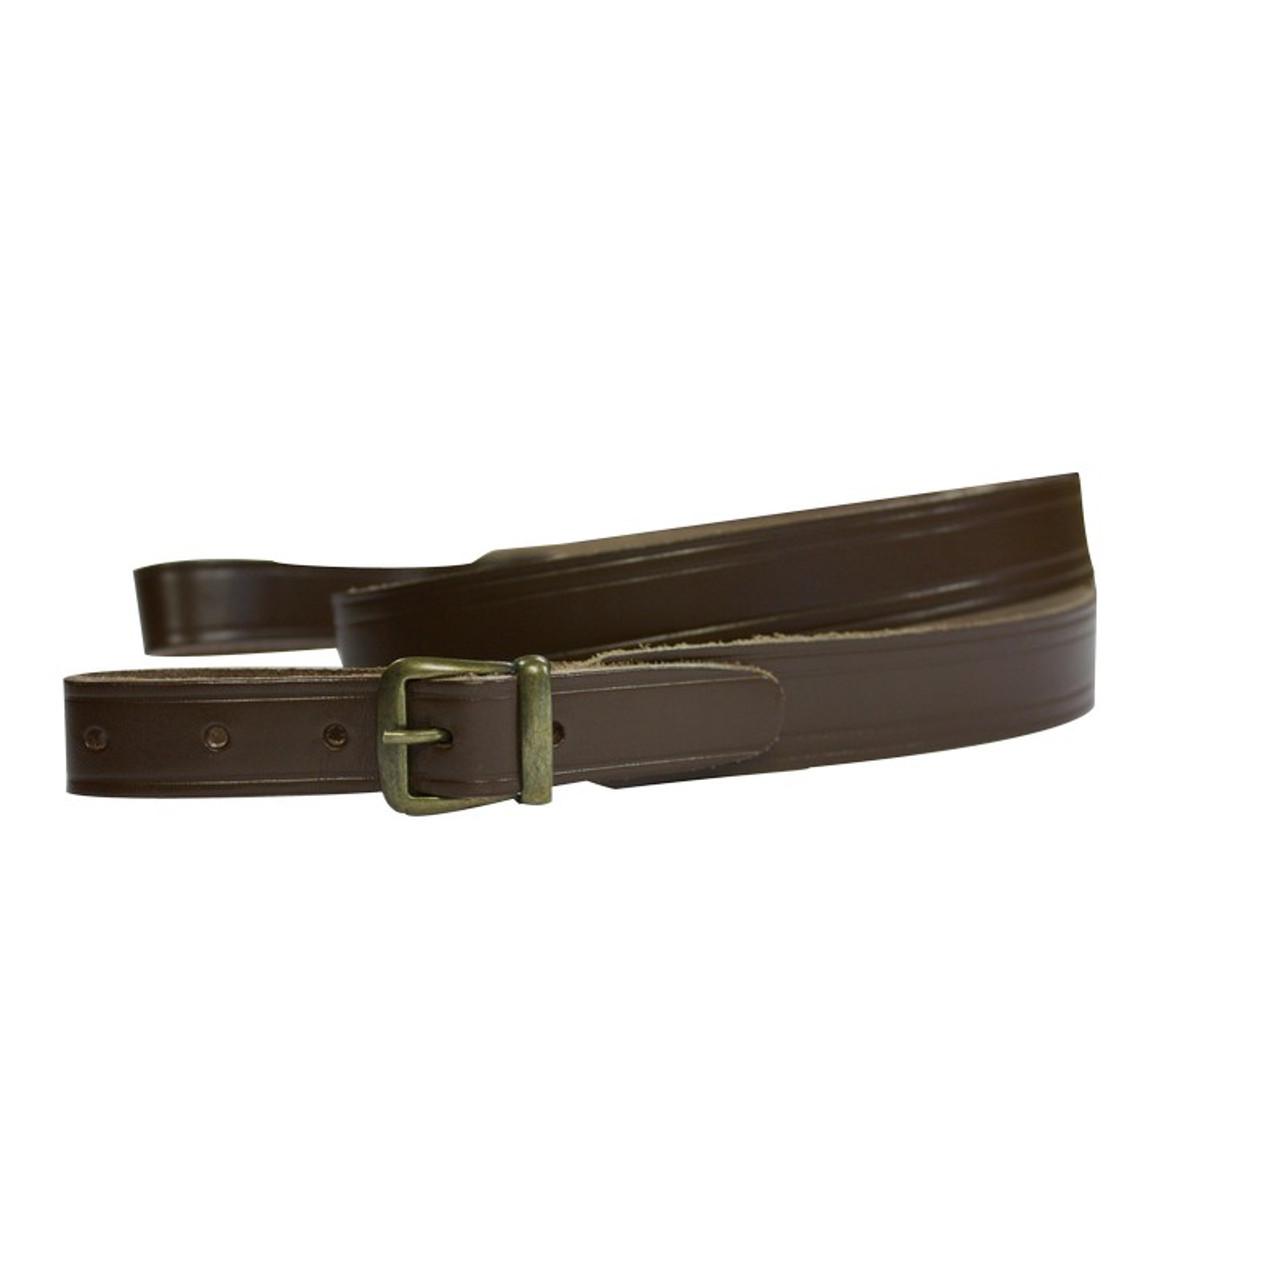 Basic Leather Rifle Sling